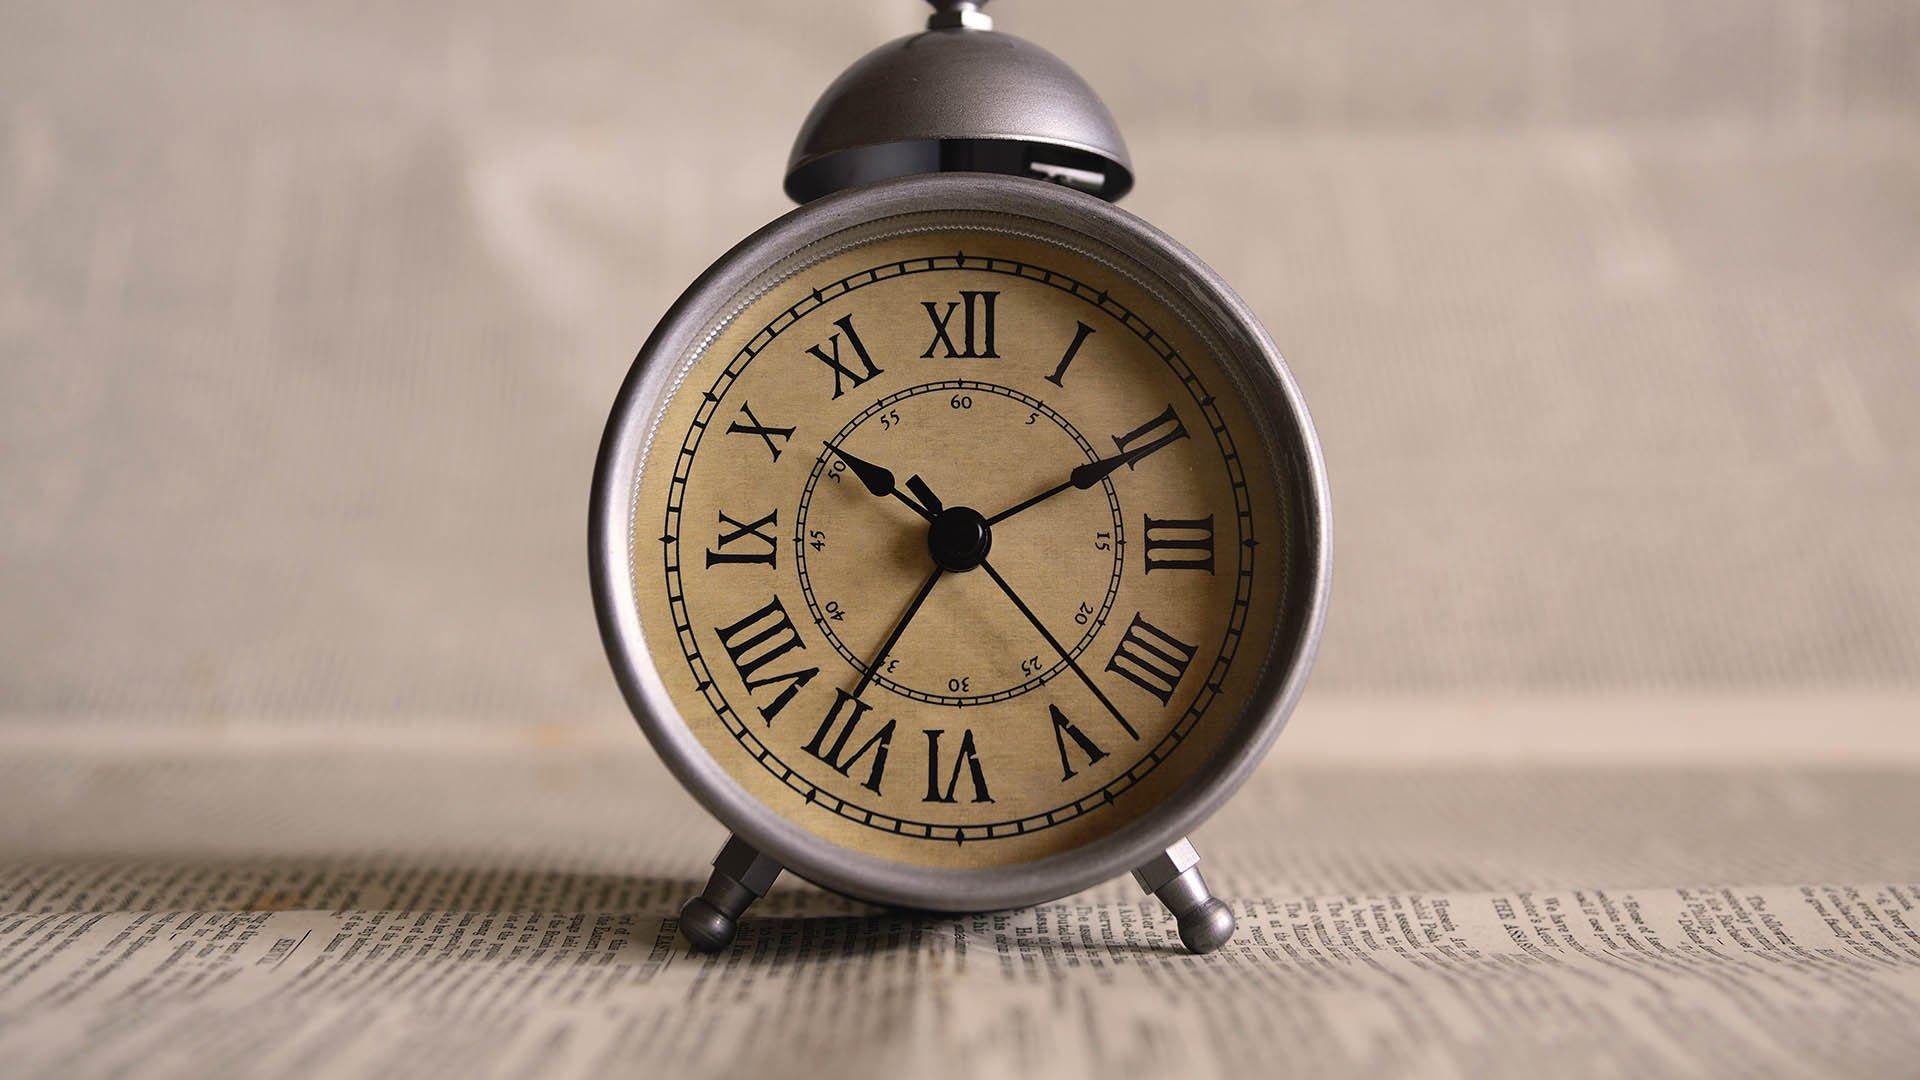 2.Time Series Database cosa sono e i vantaggi per l'azienda